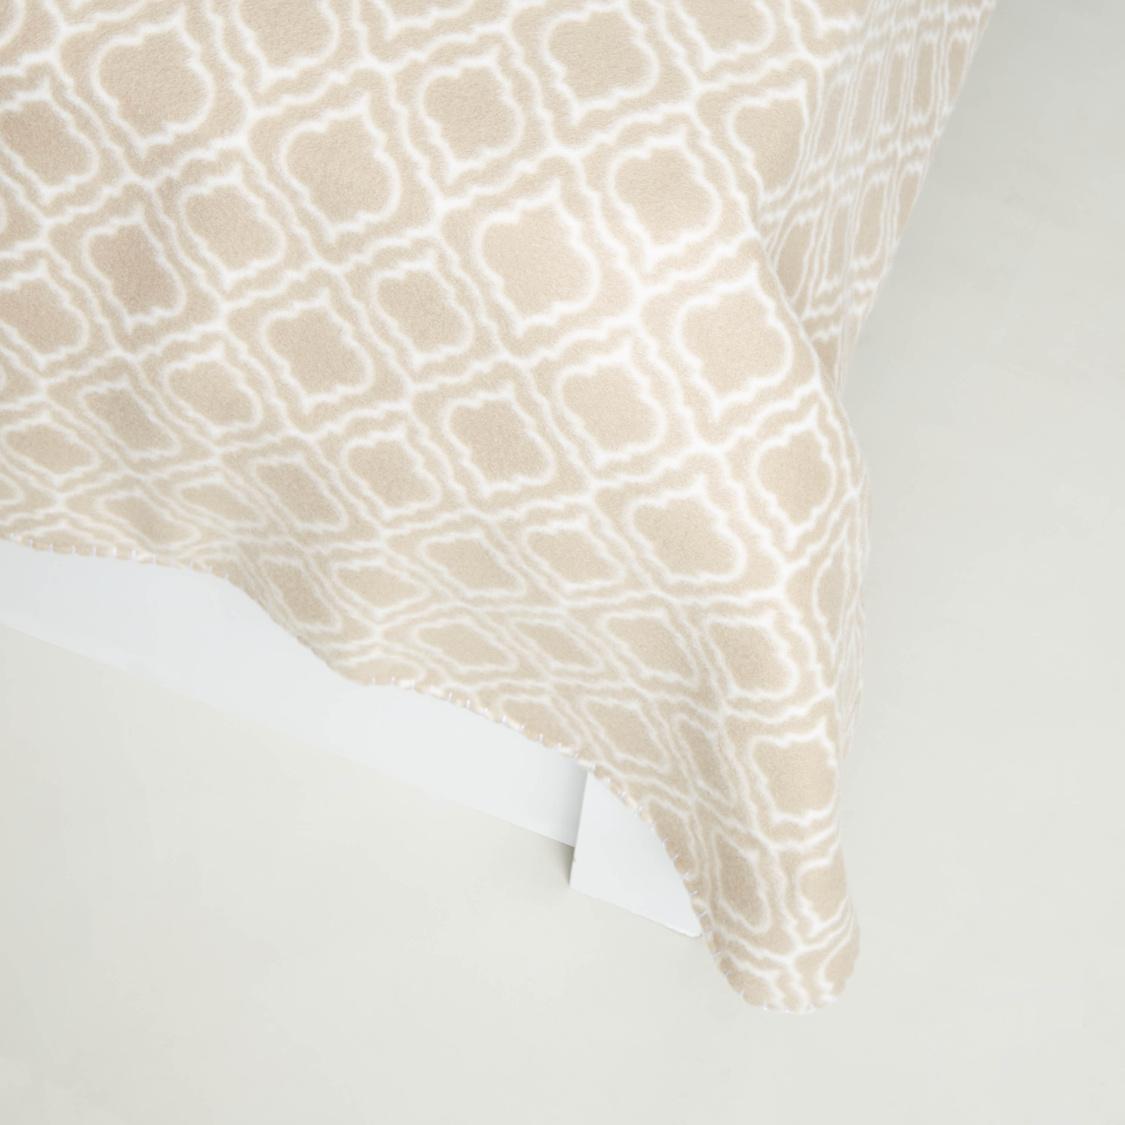 بطانية صوف متعددة التصاميم تريليس - 200×135 سم